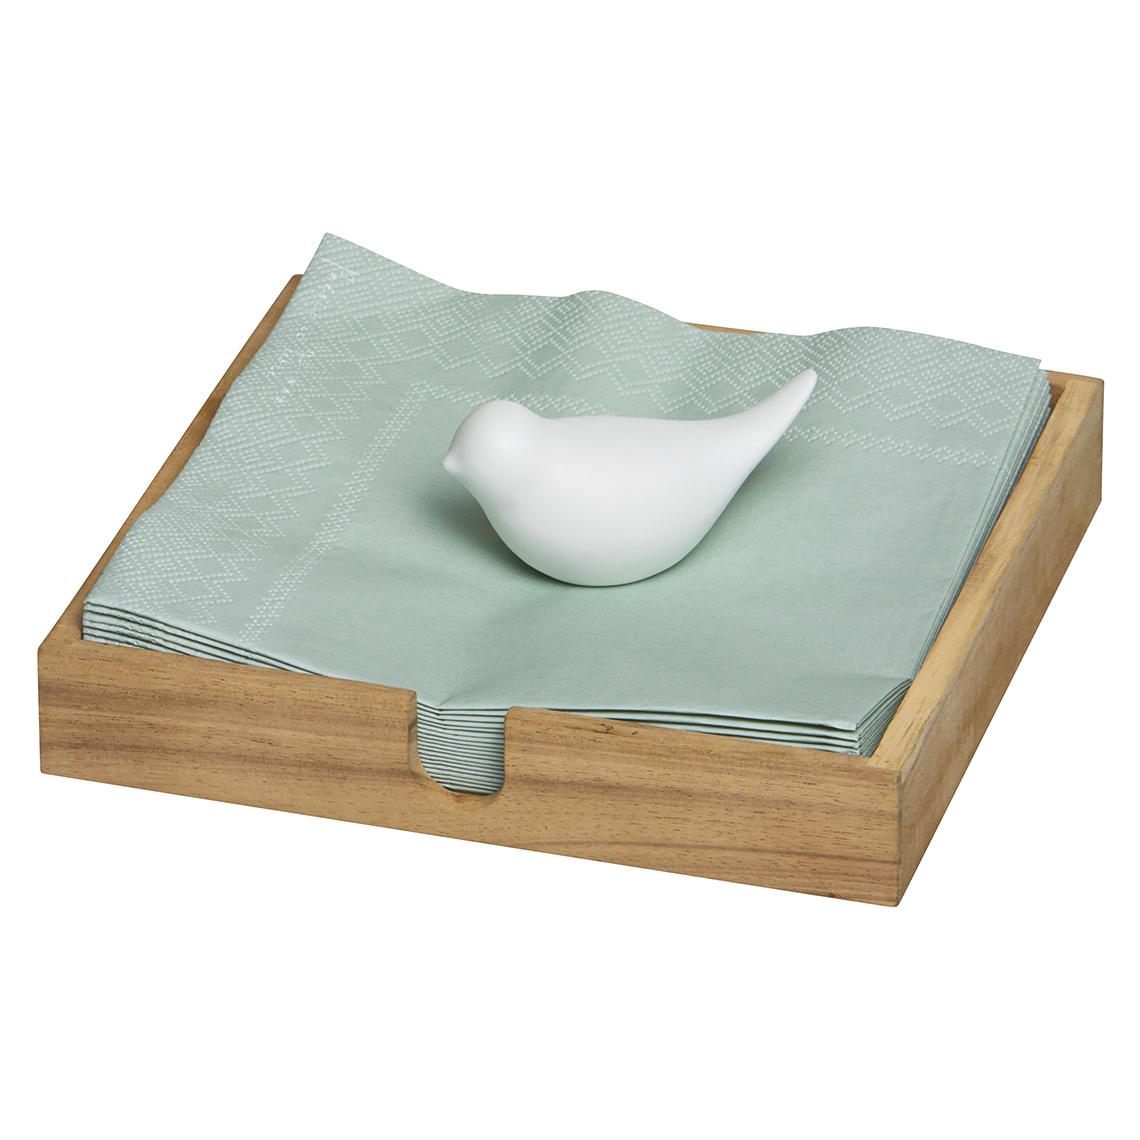 r der online shop serviettenhalter mit porzellanvogel online kaufen. Black Bedroom Furniture Sets. Home Design Ideas